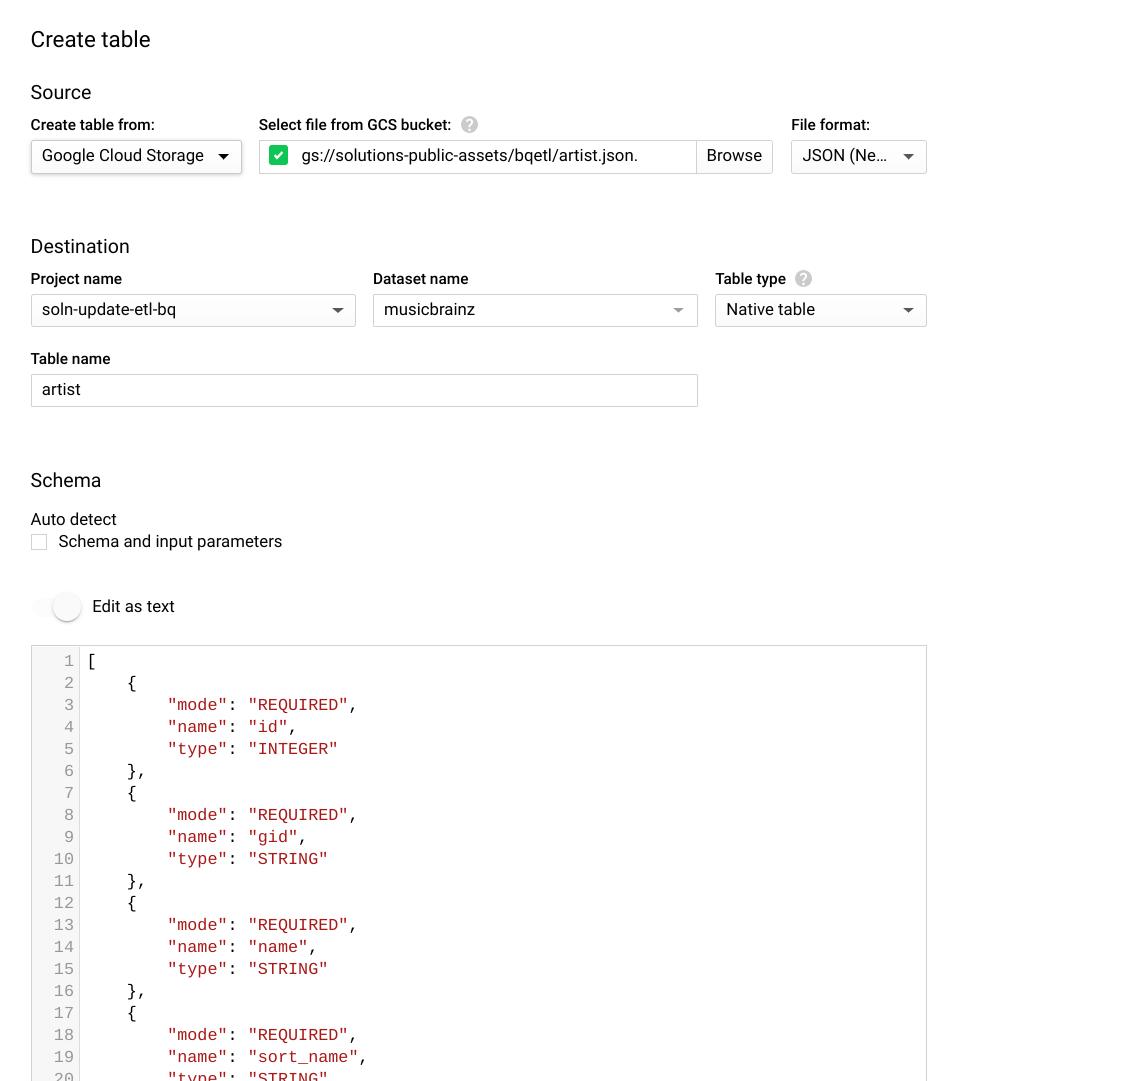 Diálogo de creación de tabla con esquema actualizado de un archivo JSON descargado